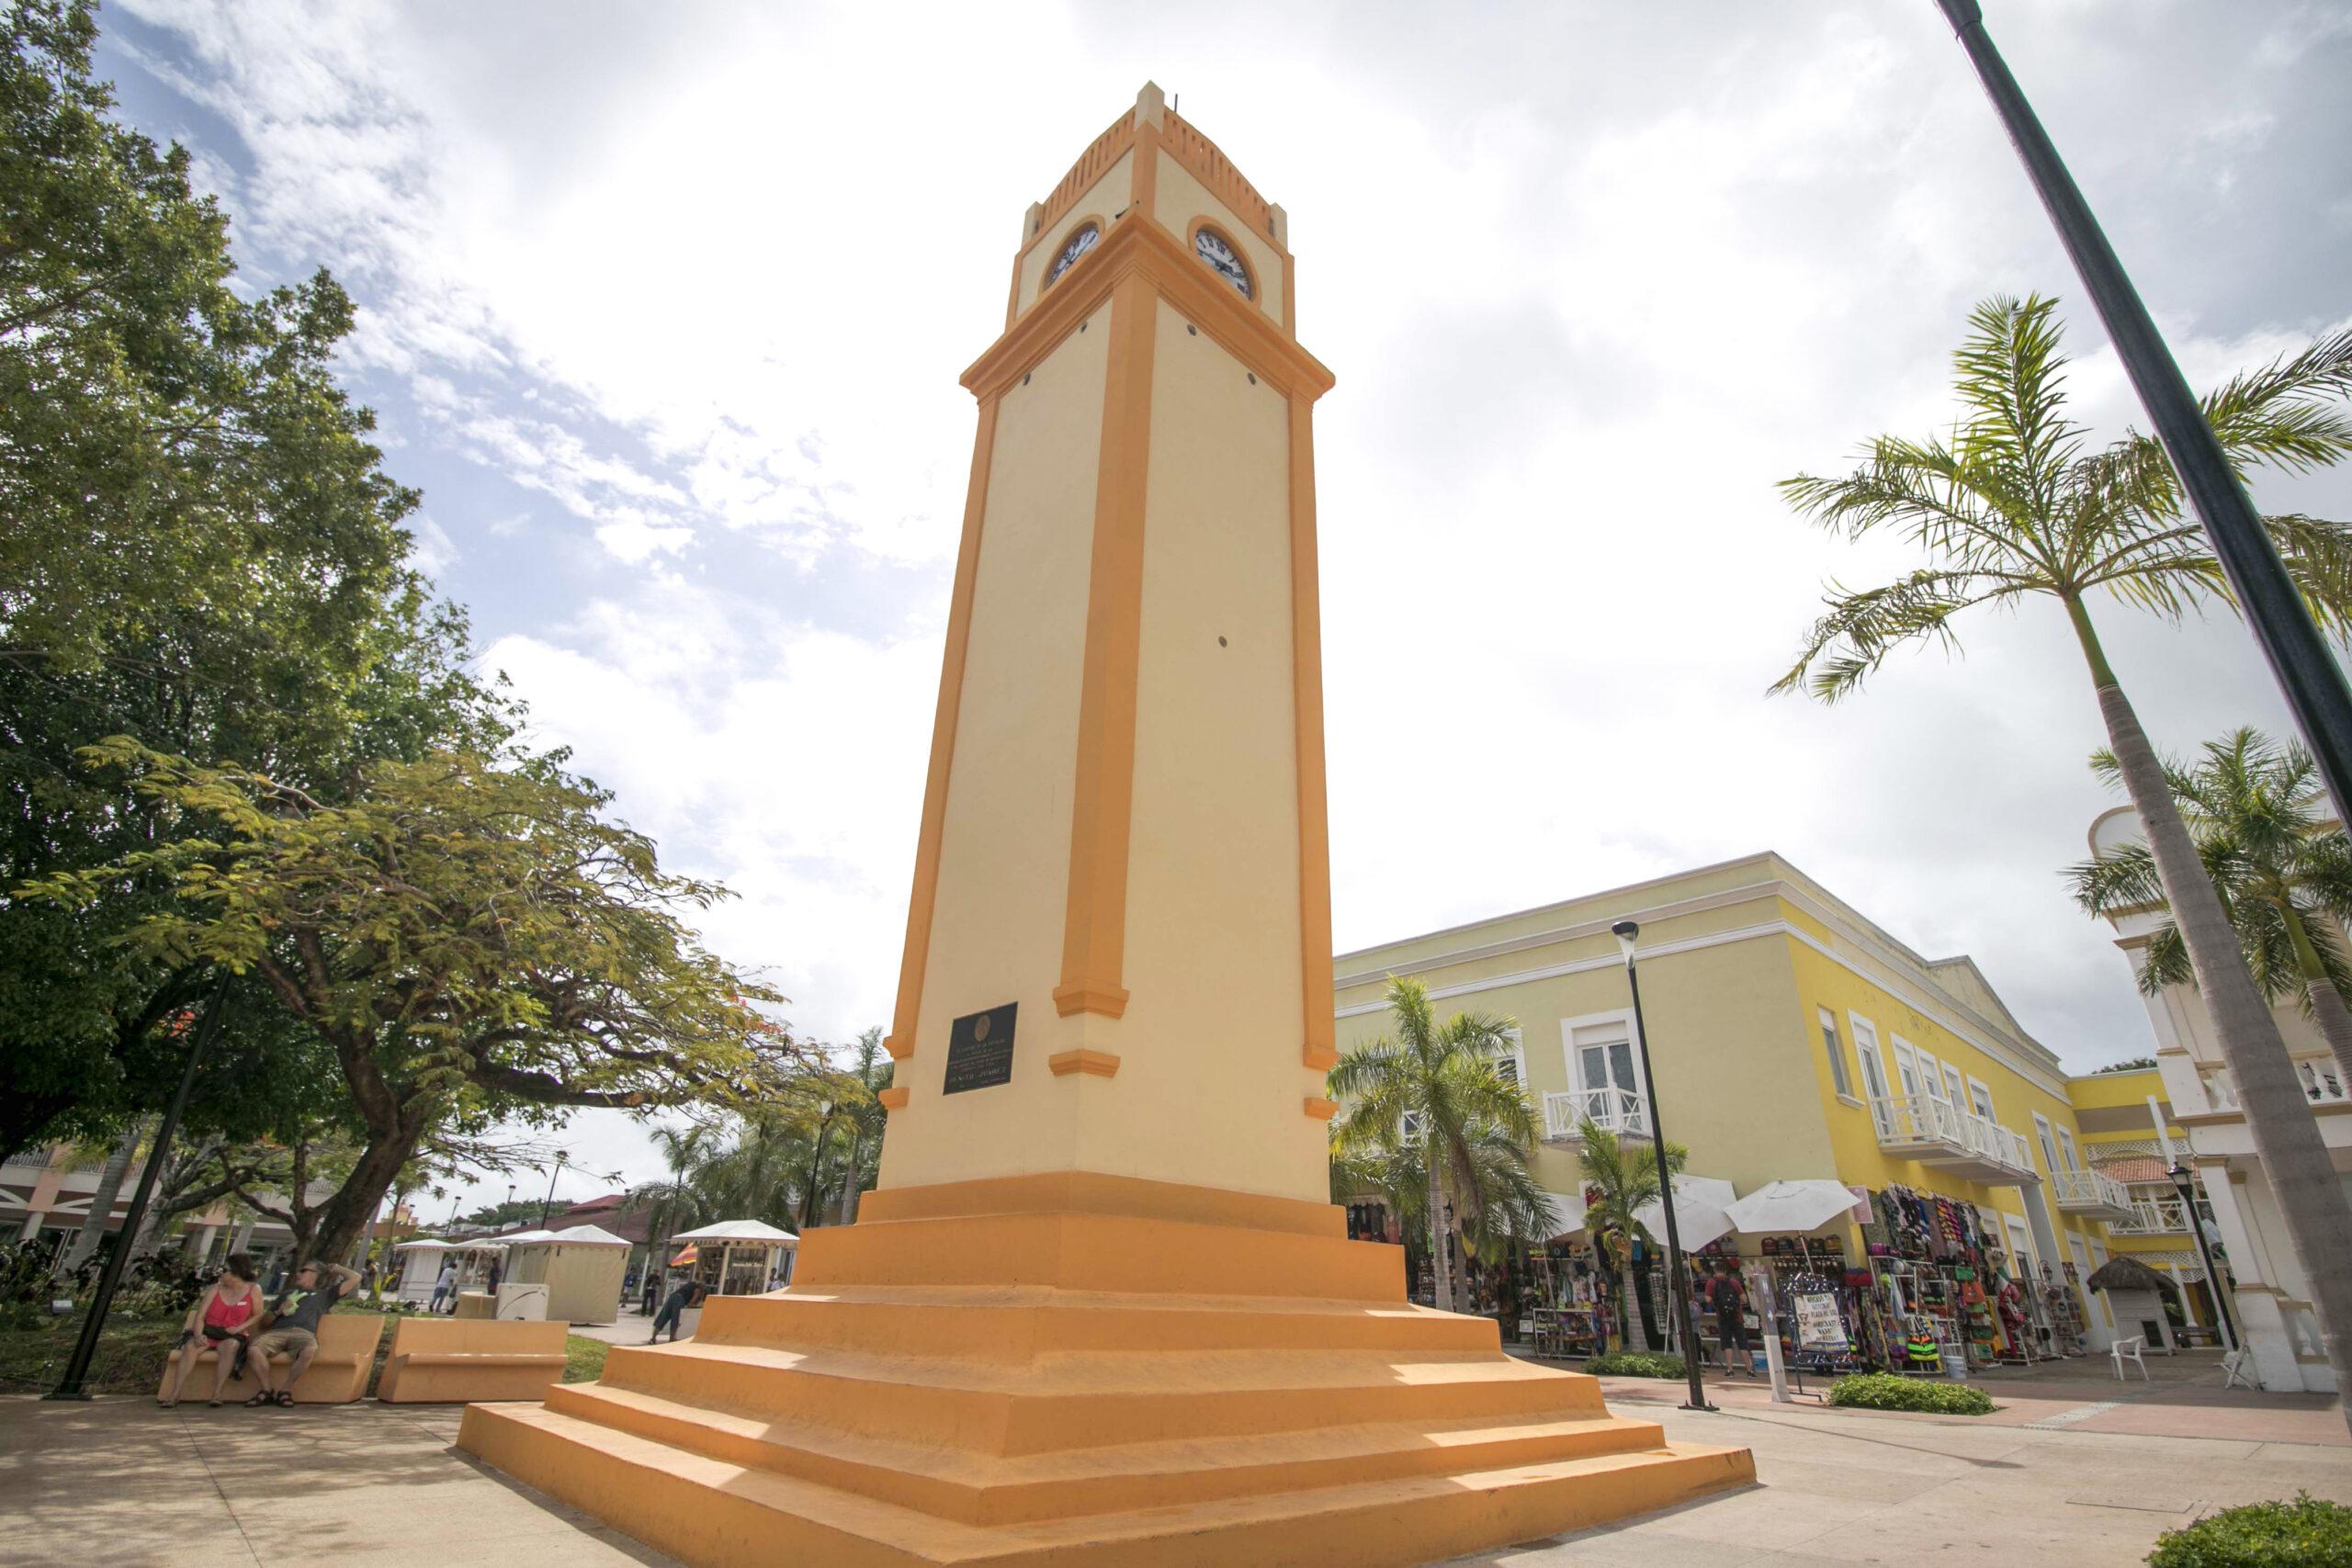 Reloj cozumel, monumento histórico, plaza del sol al fondo